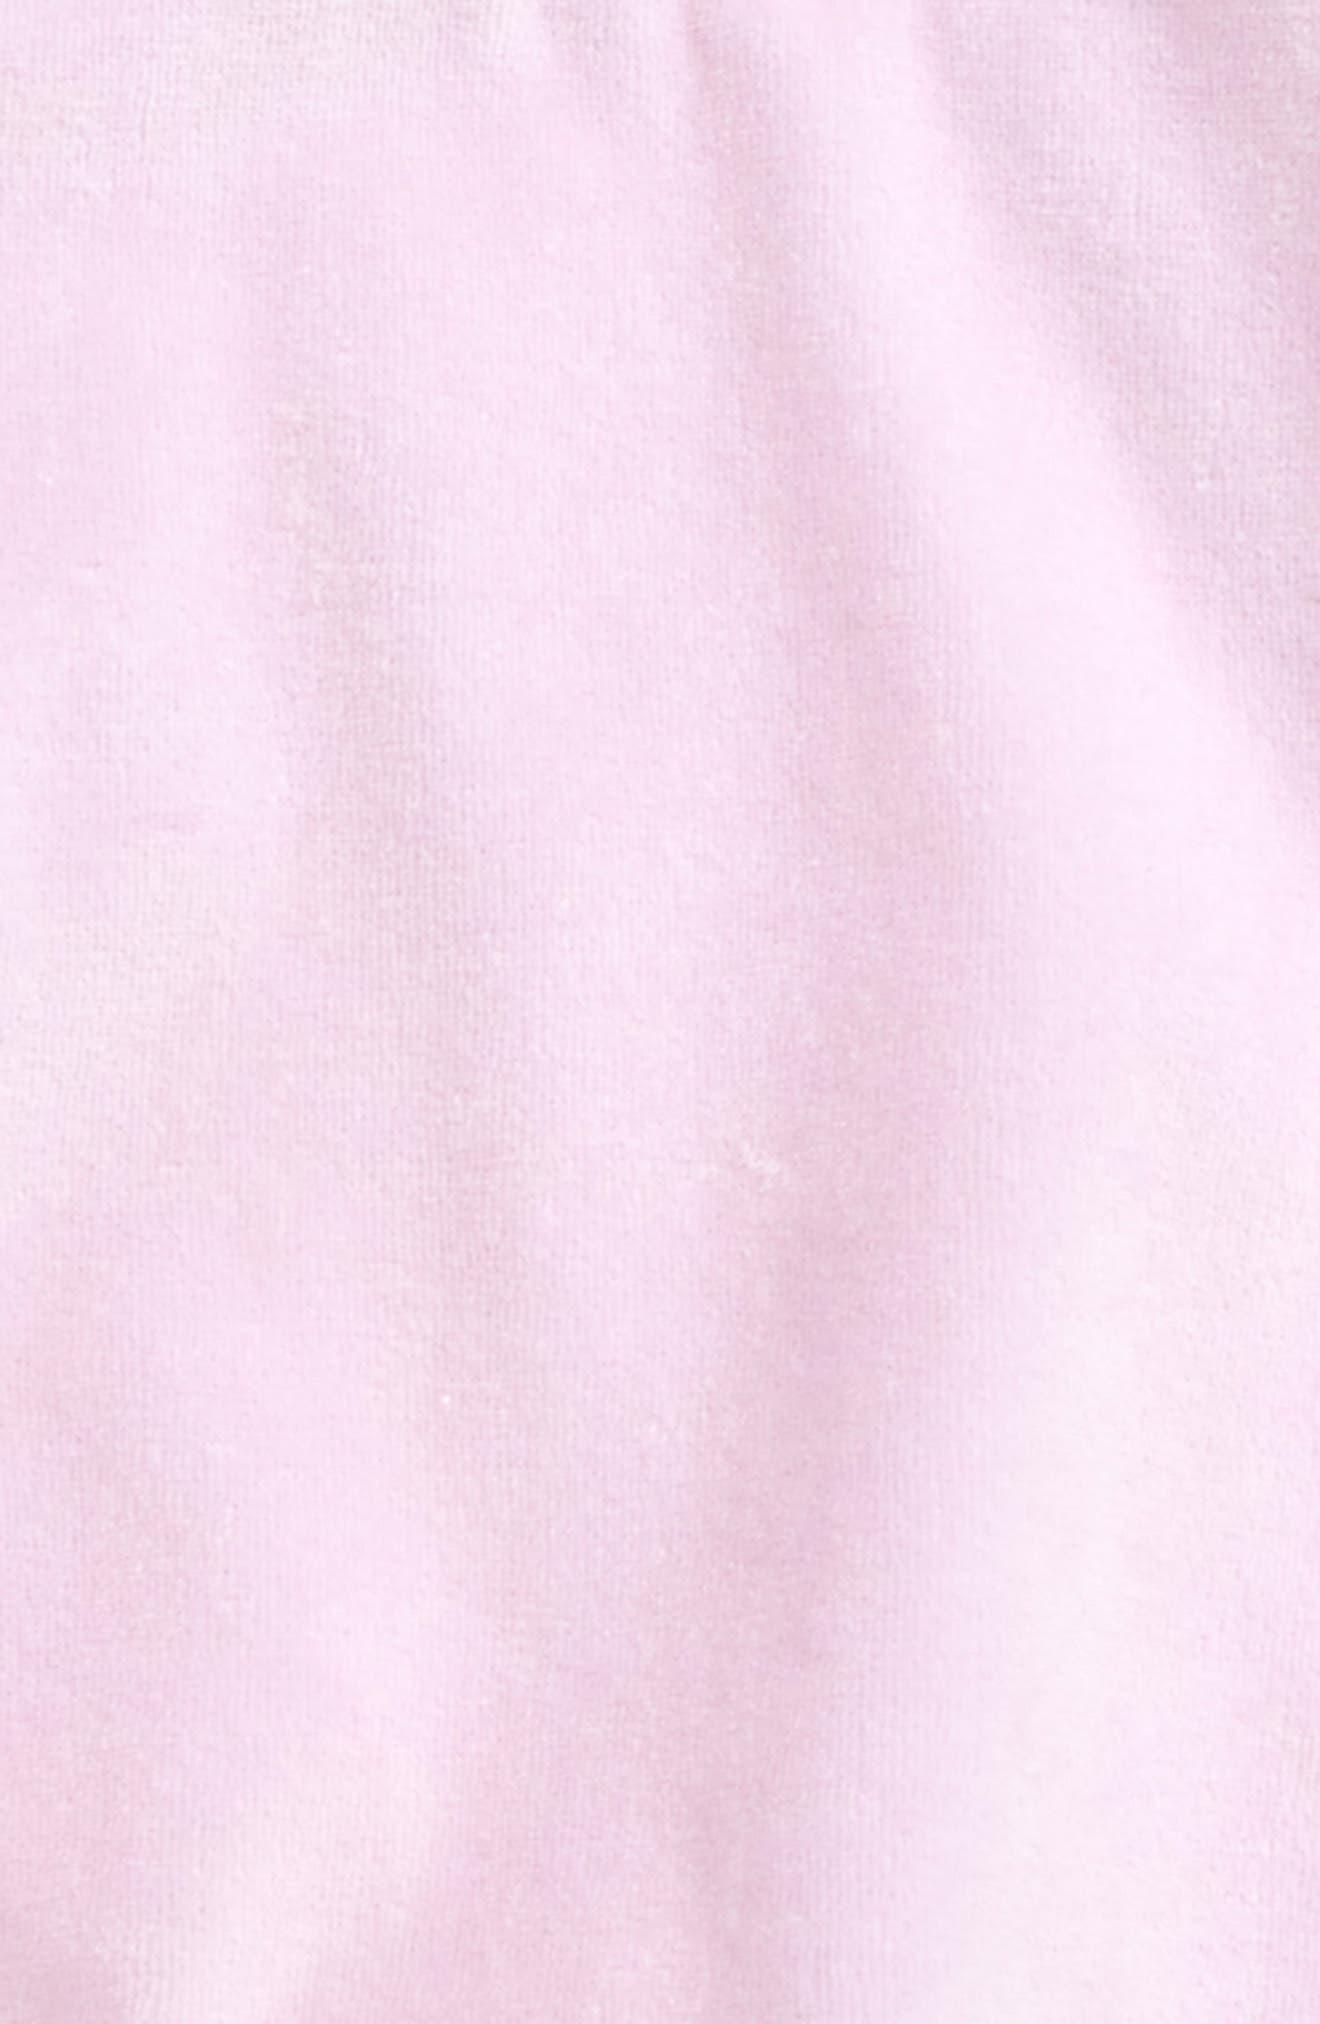 Zella Petal Top,                             Alternate thumbnail 2, color,                             680